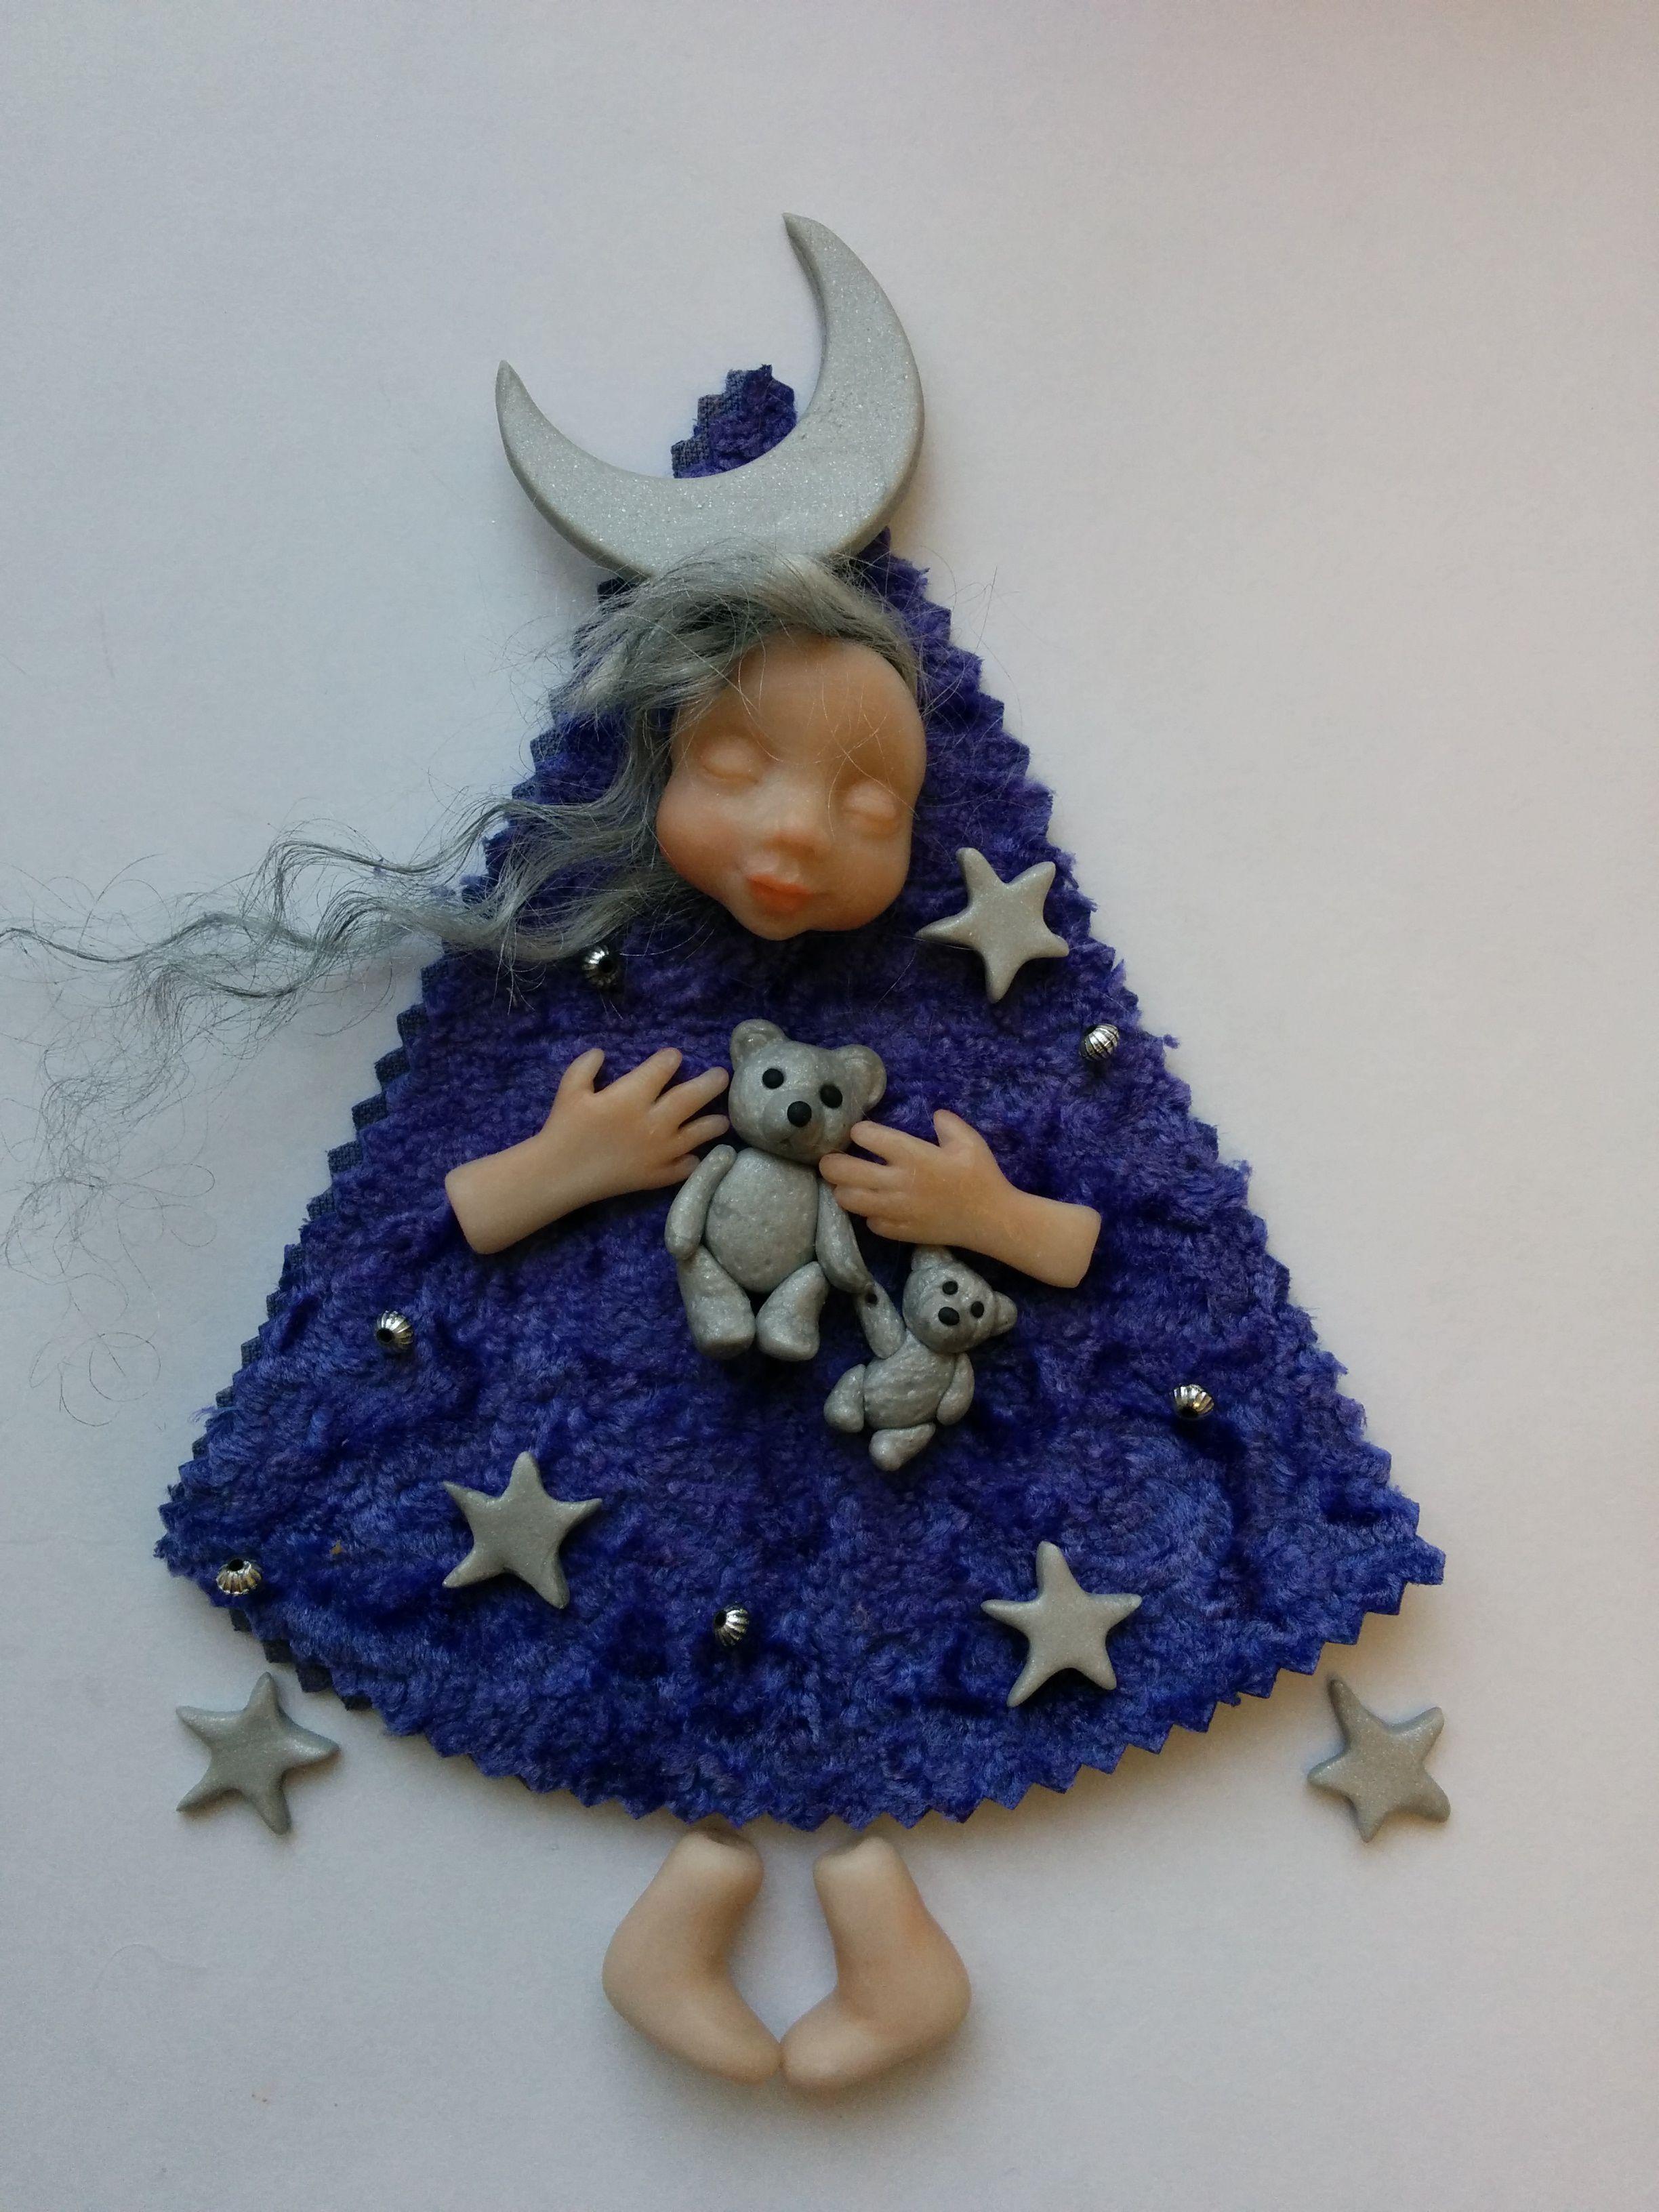 авторскаяработа ручнаяработа подарок кукла оригинальныйподарок эксклюзив куколка звездопад тедди куклыюлииволынской теддидол роскошь куклы кукланазаказ